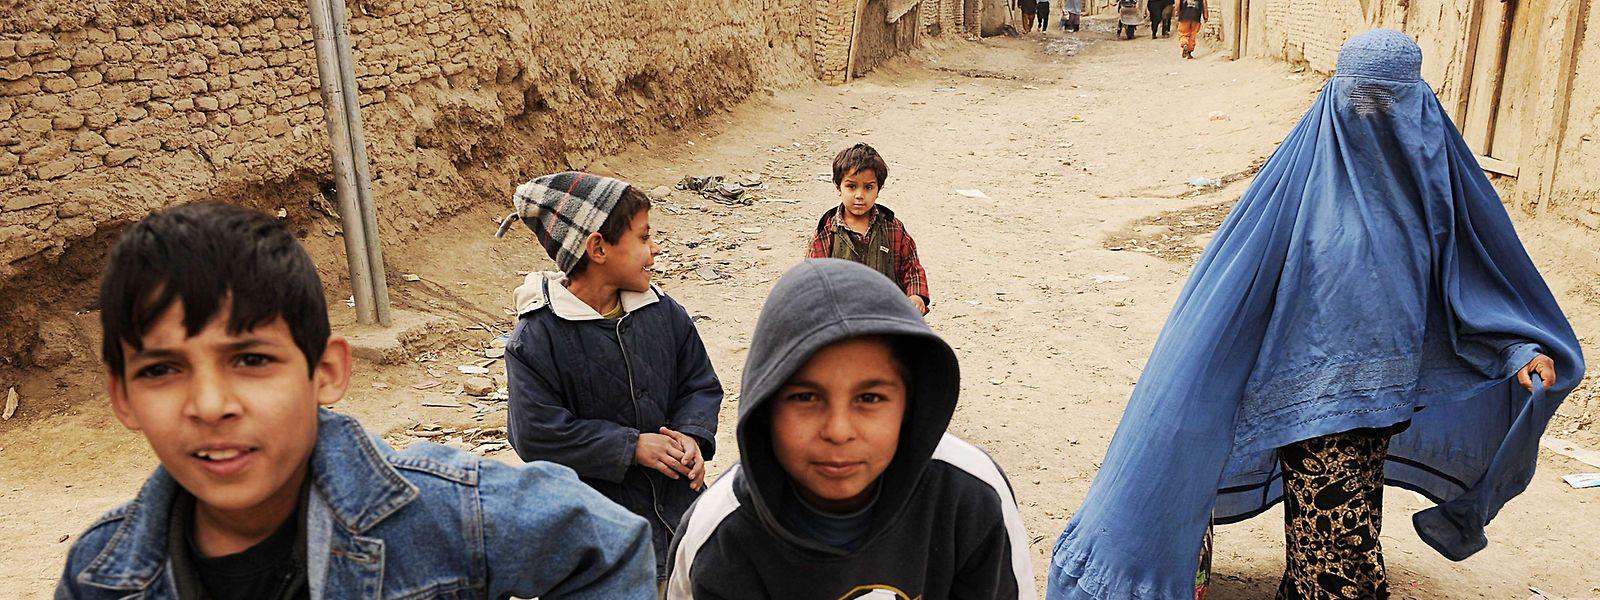 Avant l'arrivée des talibans, le pays comptait 4 millions de filles scolarisées. Vont-elles encore être admises dans le futur système éducatif mis en place?